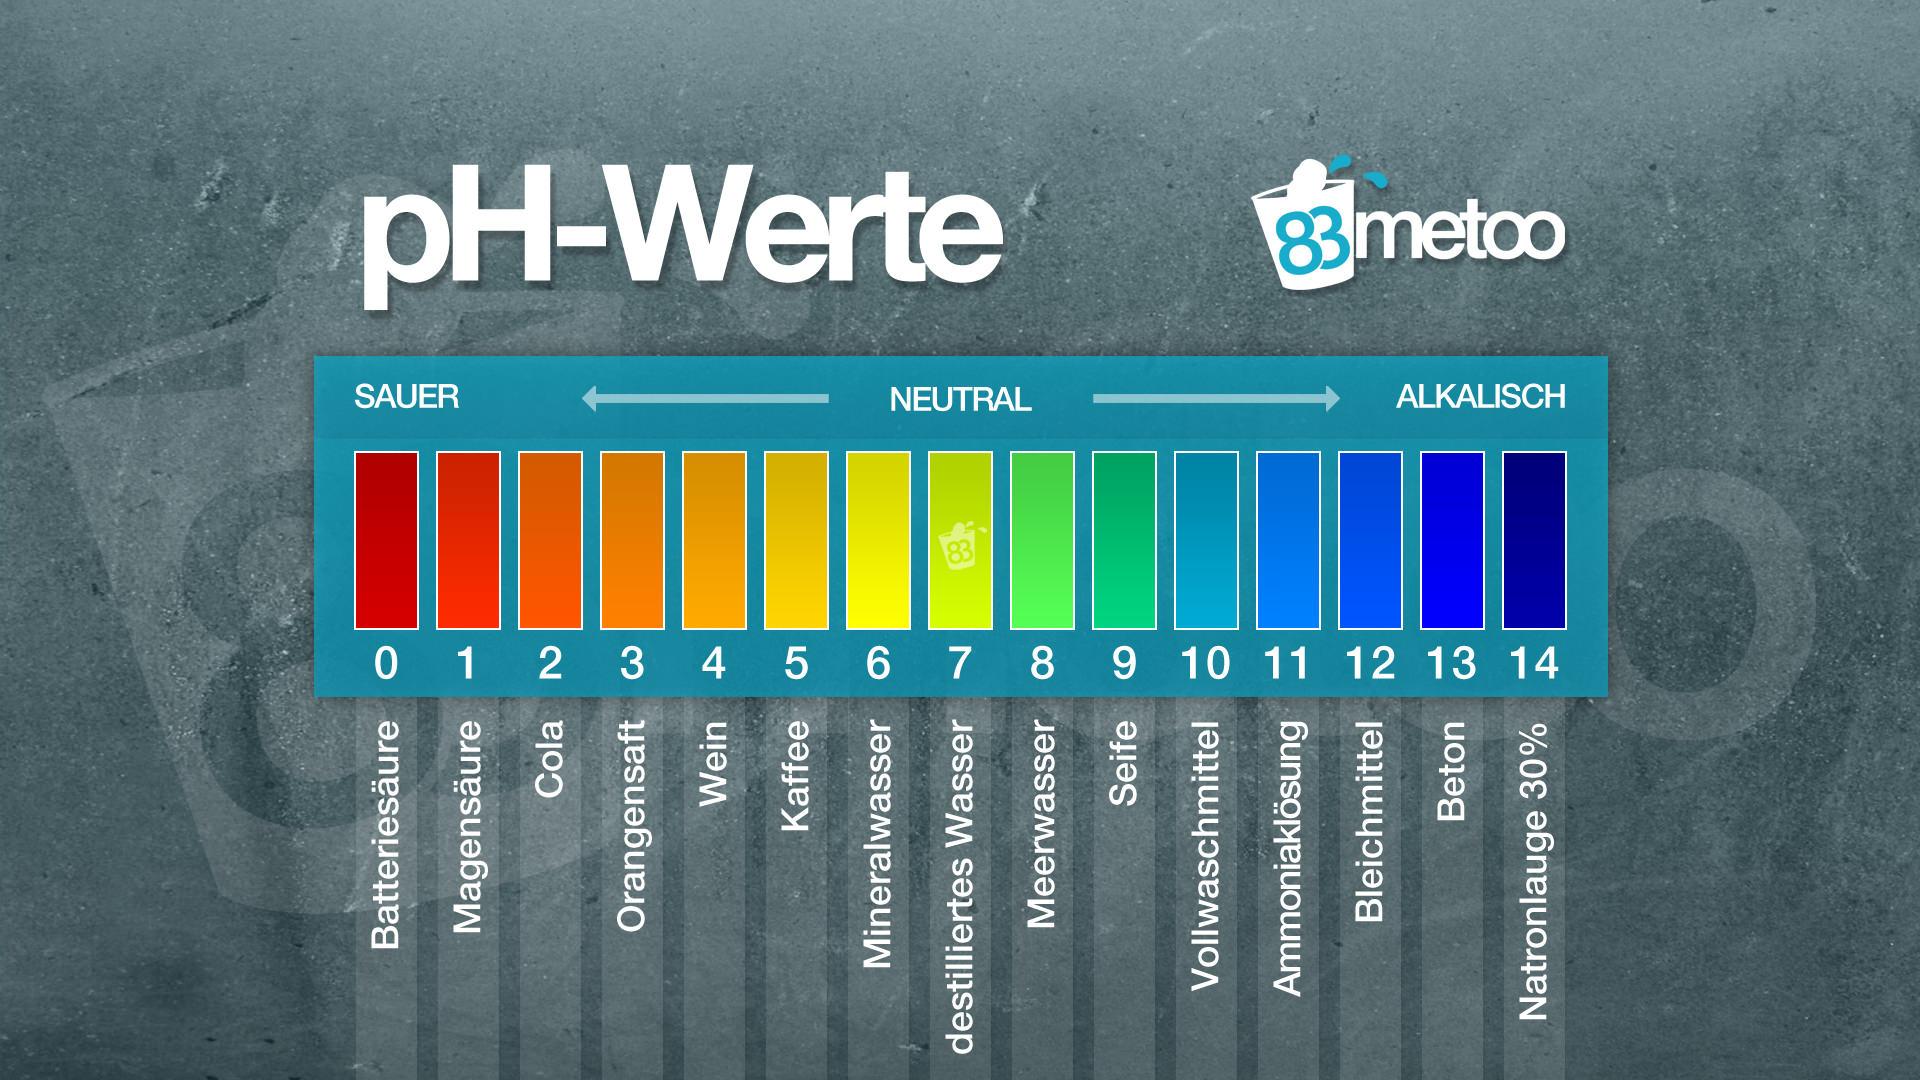 pH Wert Skala Erklärung